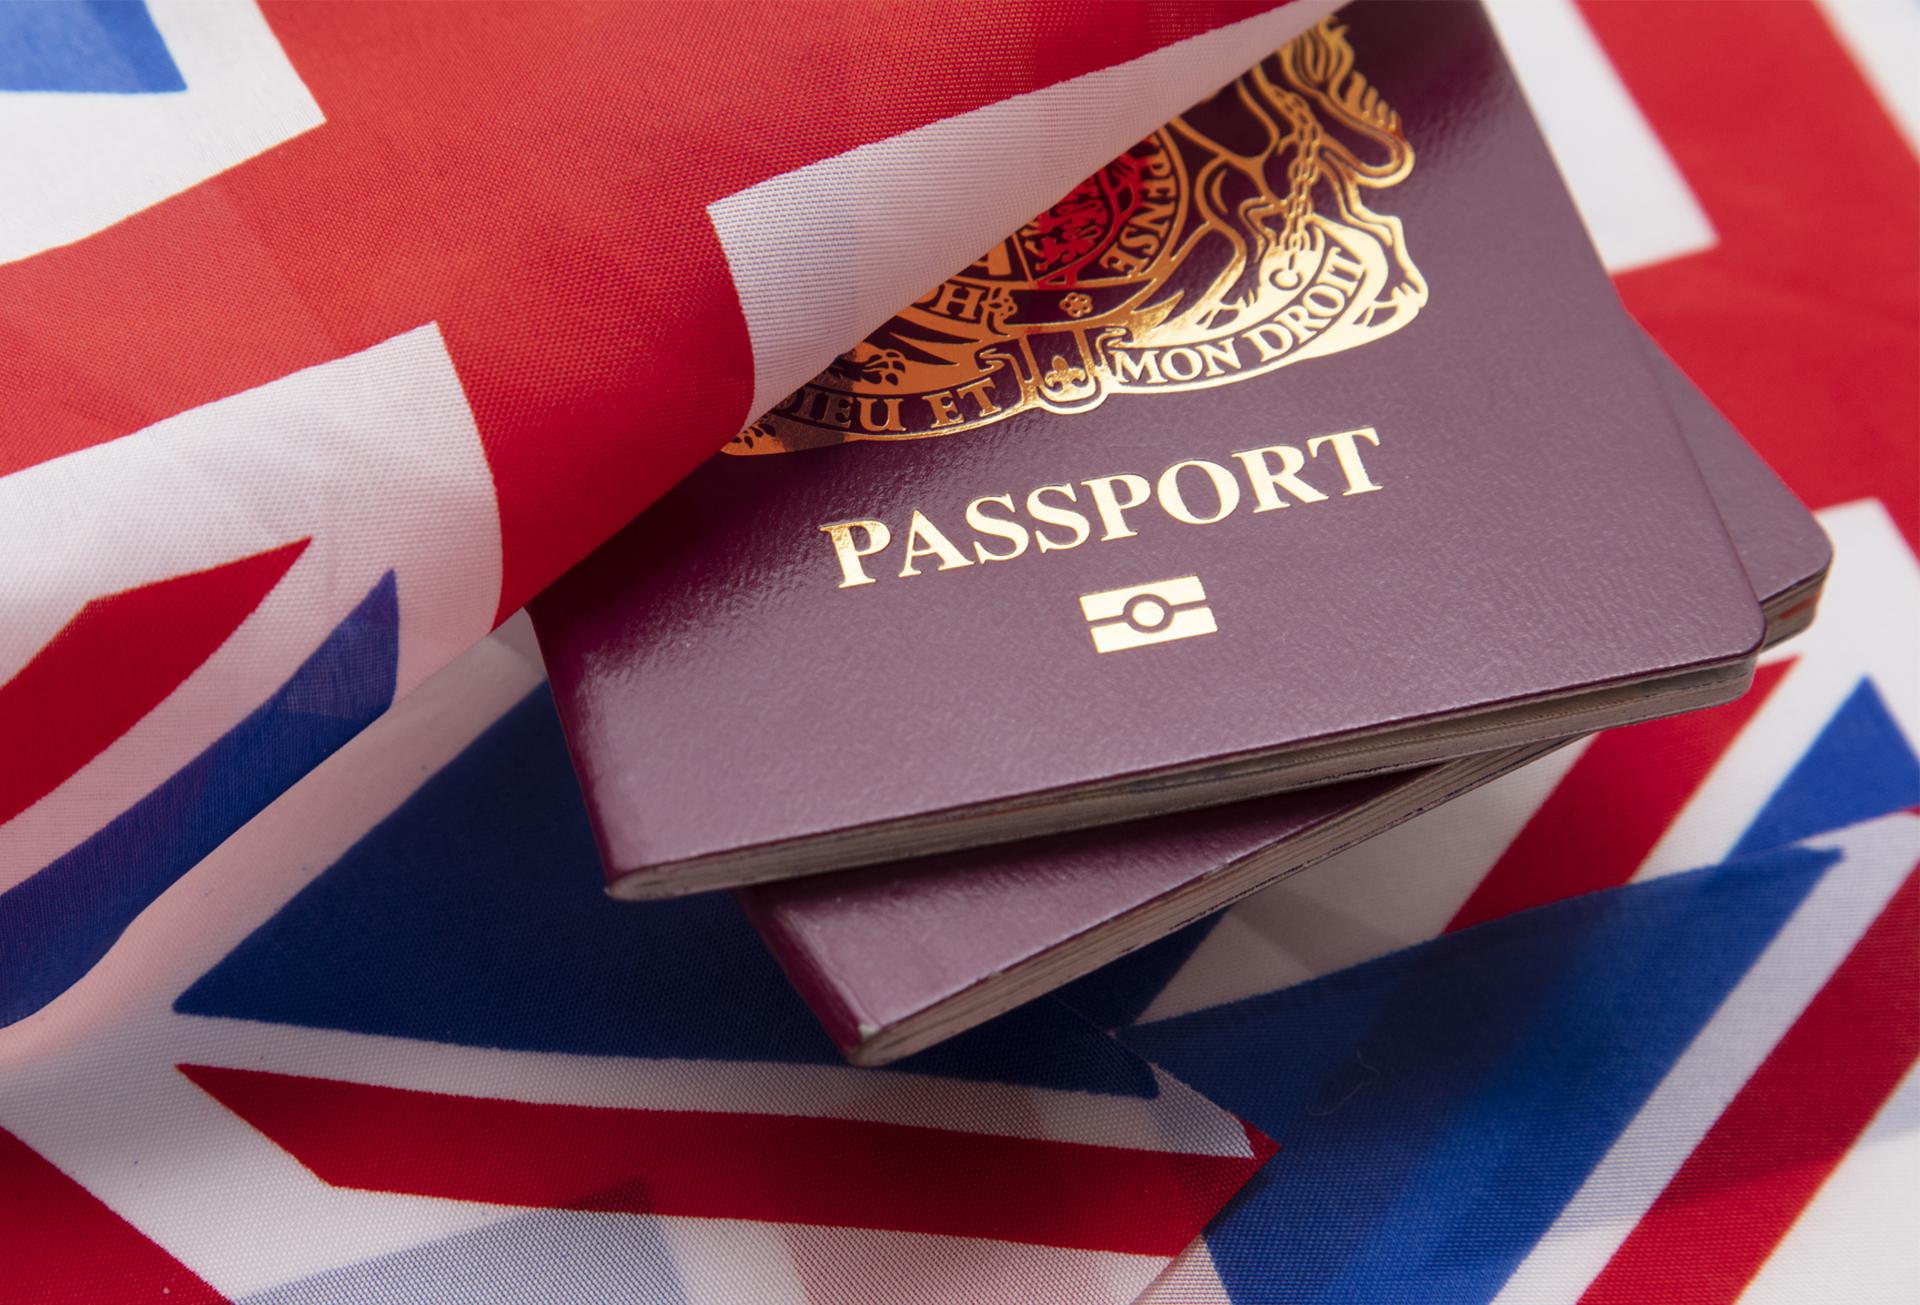 Passport Applications